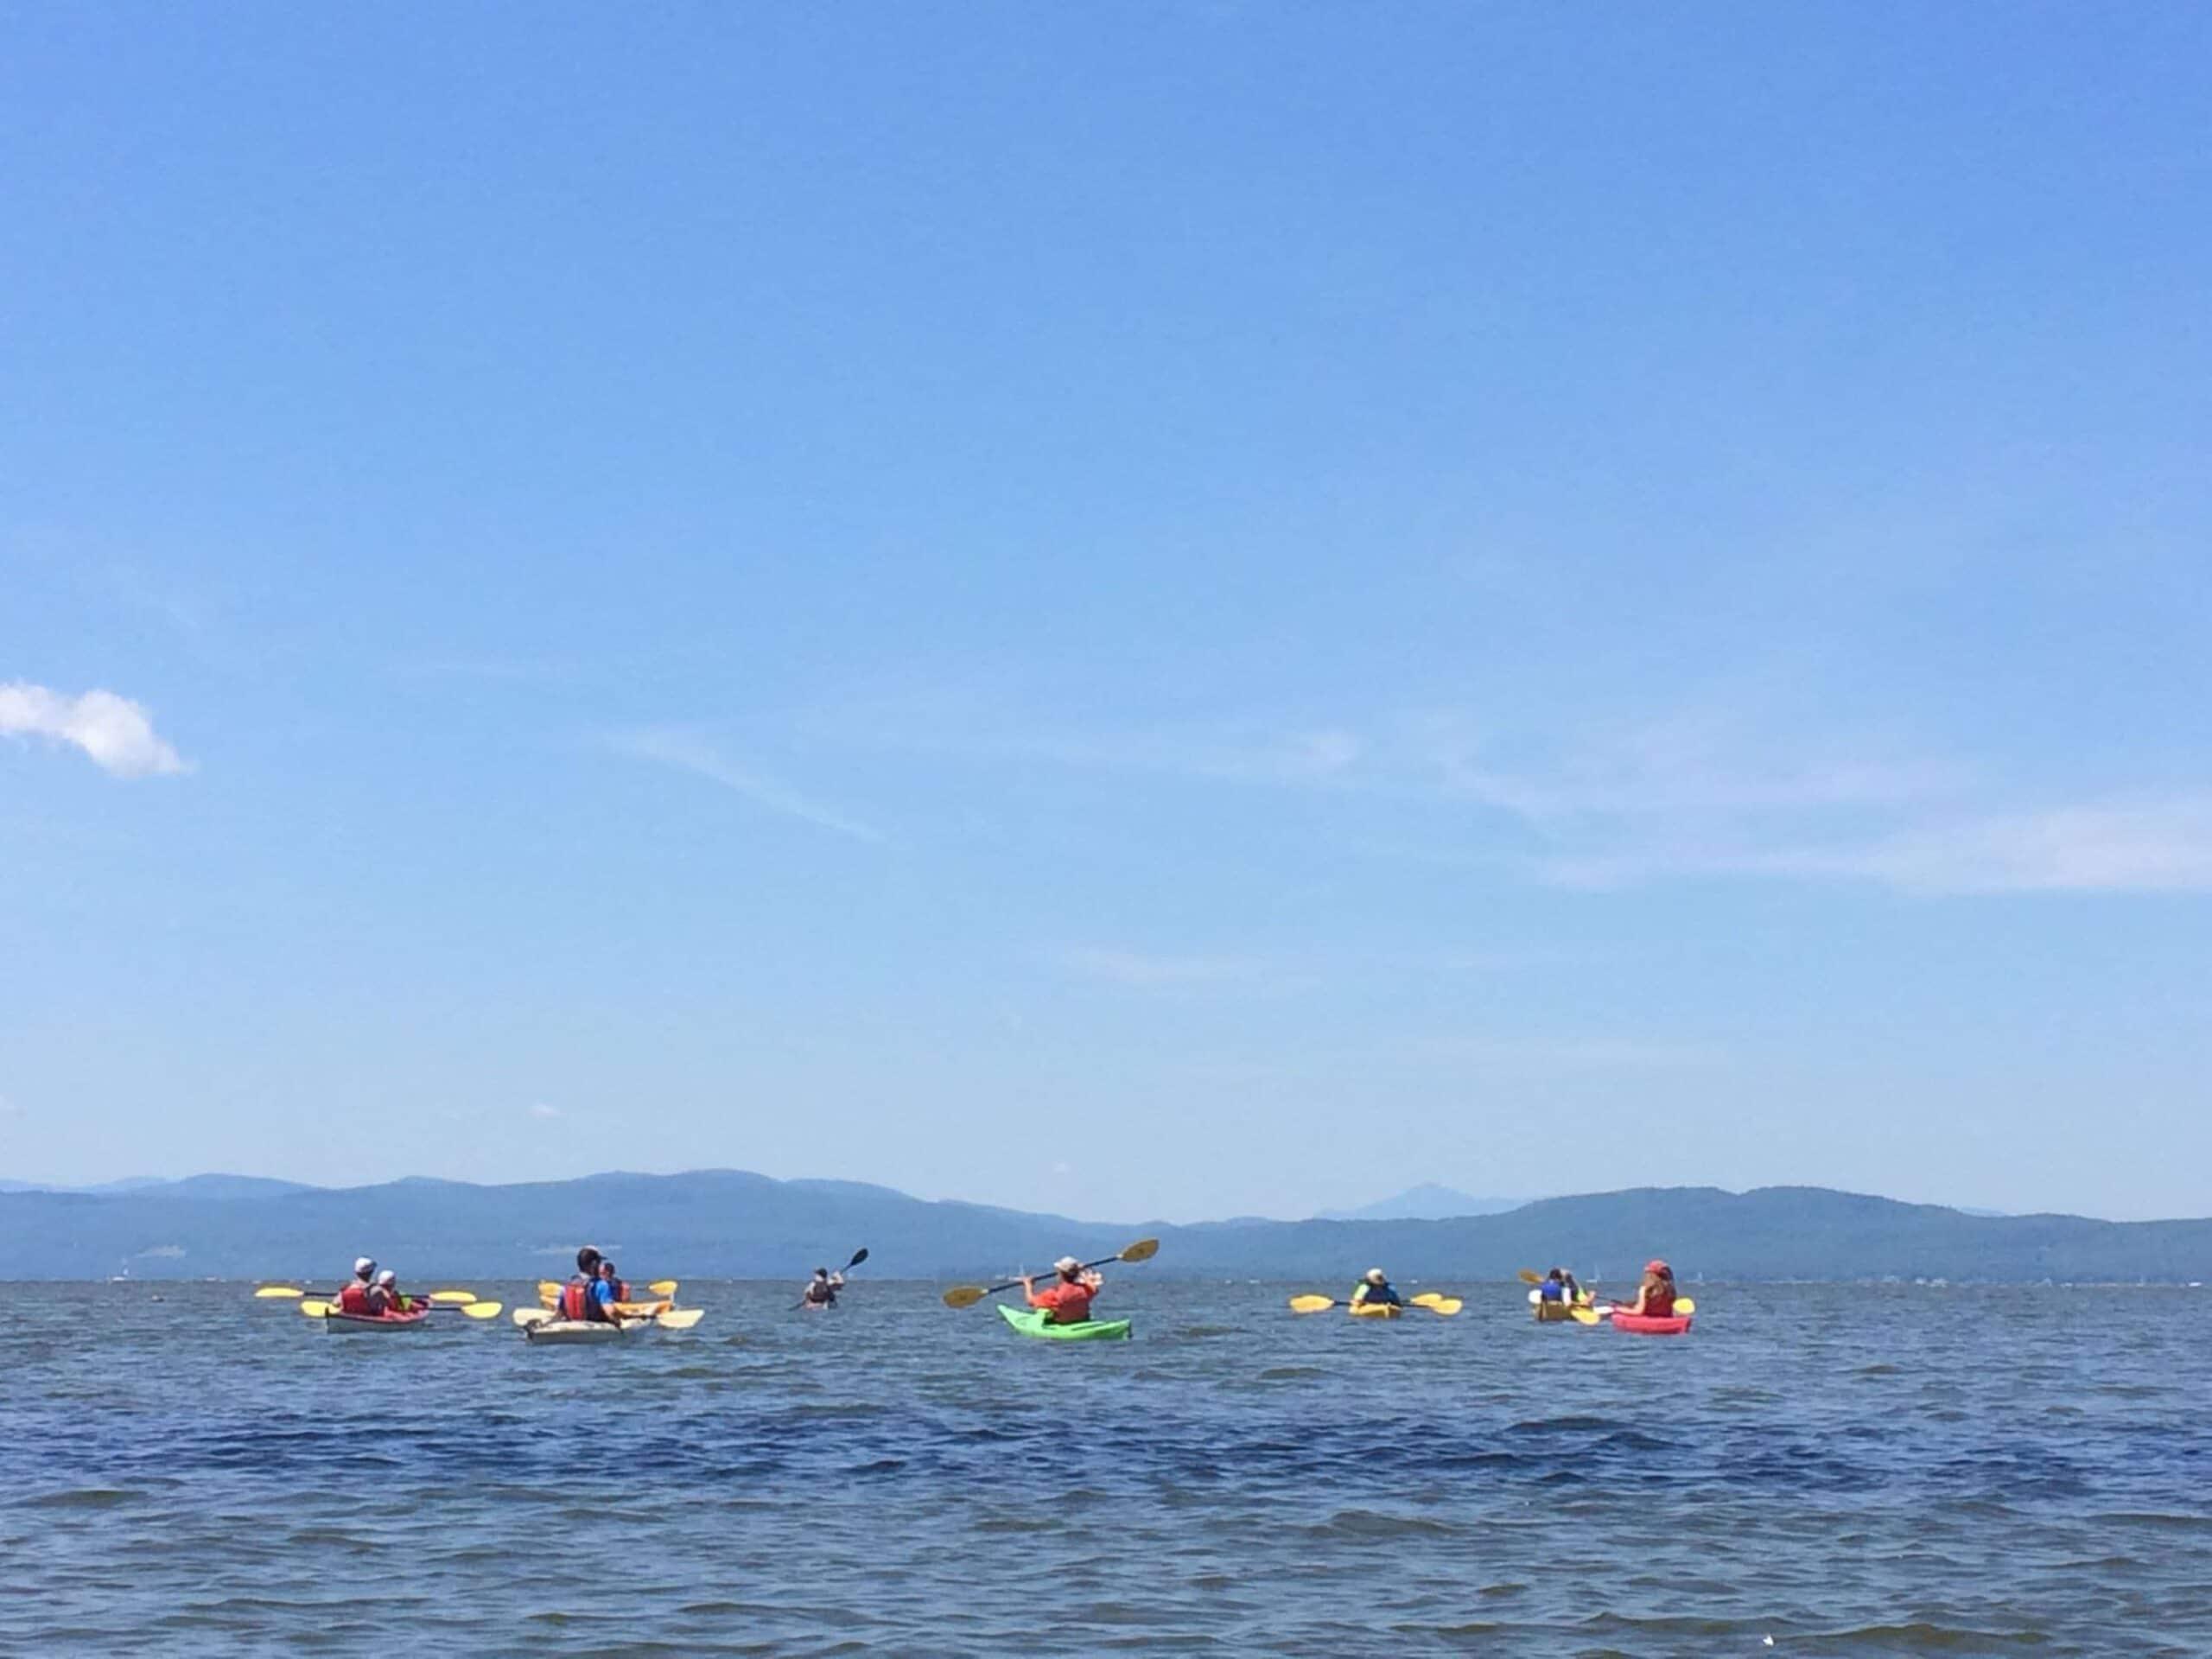 Kayaking on lake Champlain on a teen summer biking trip